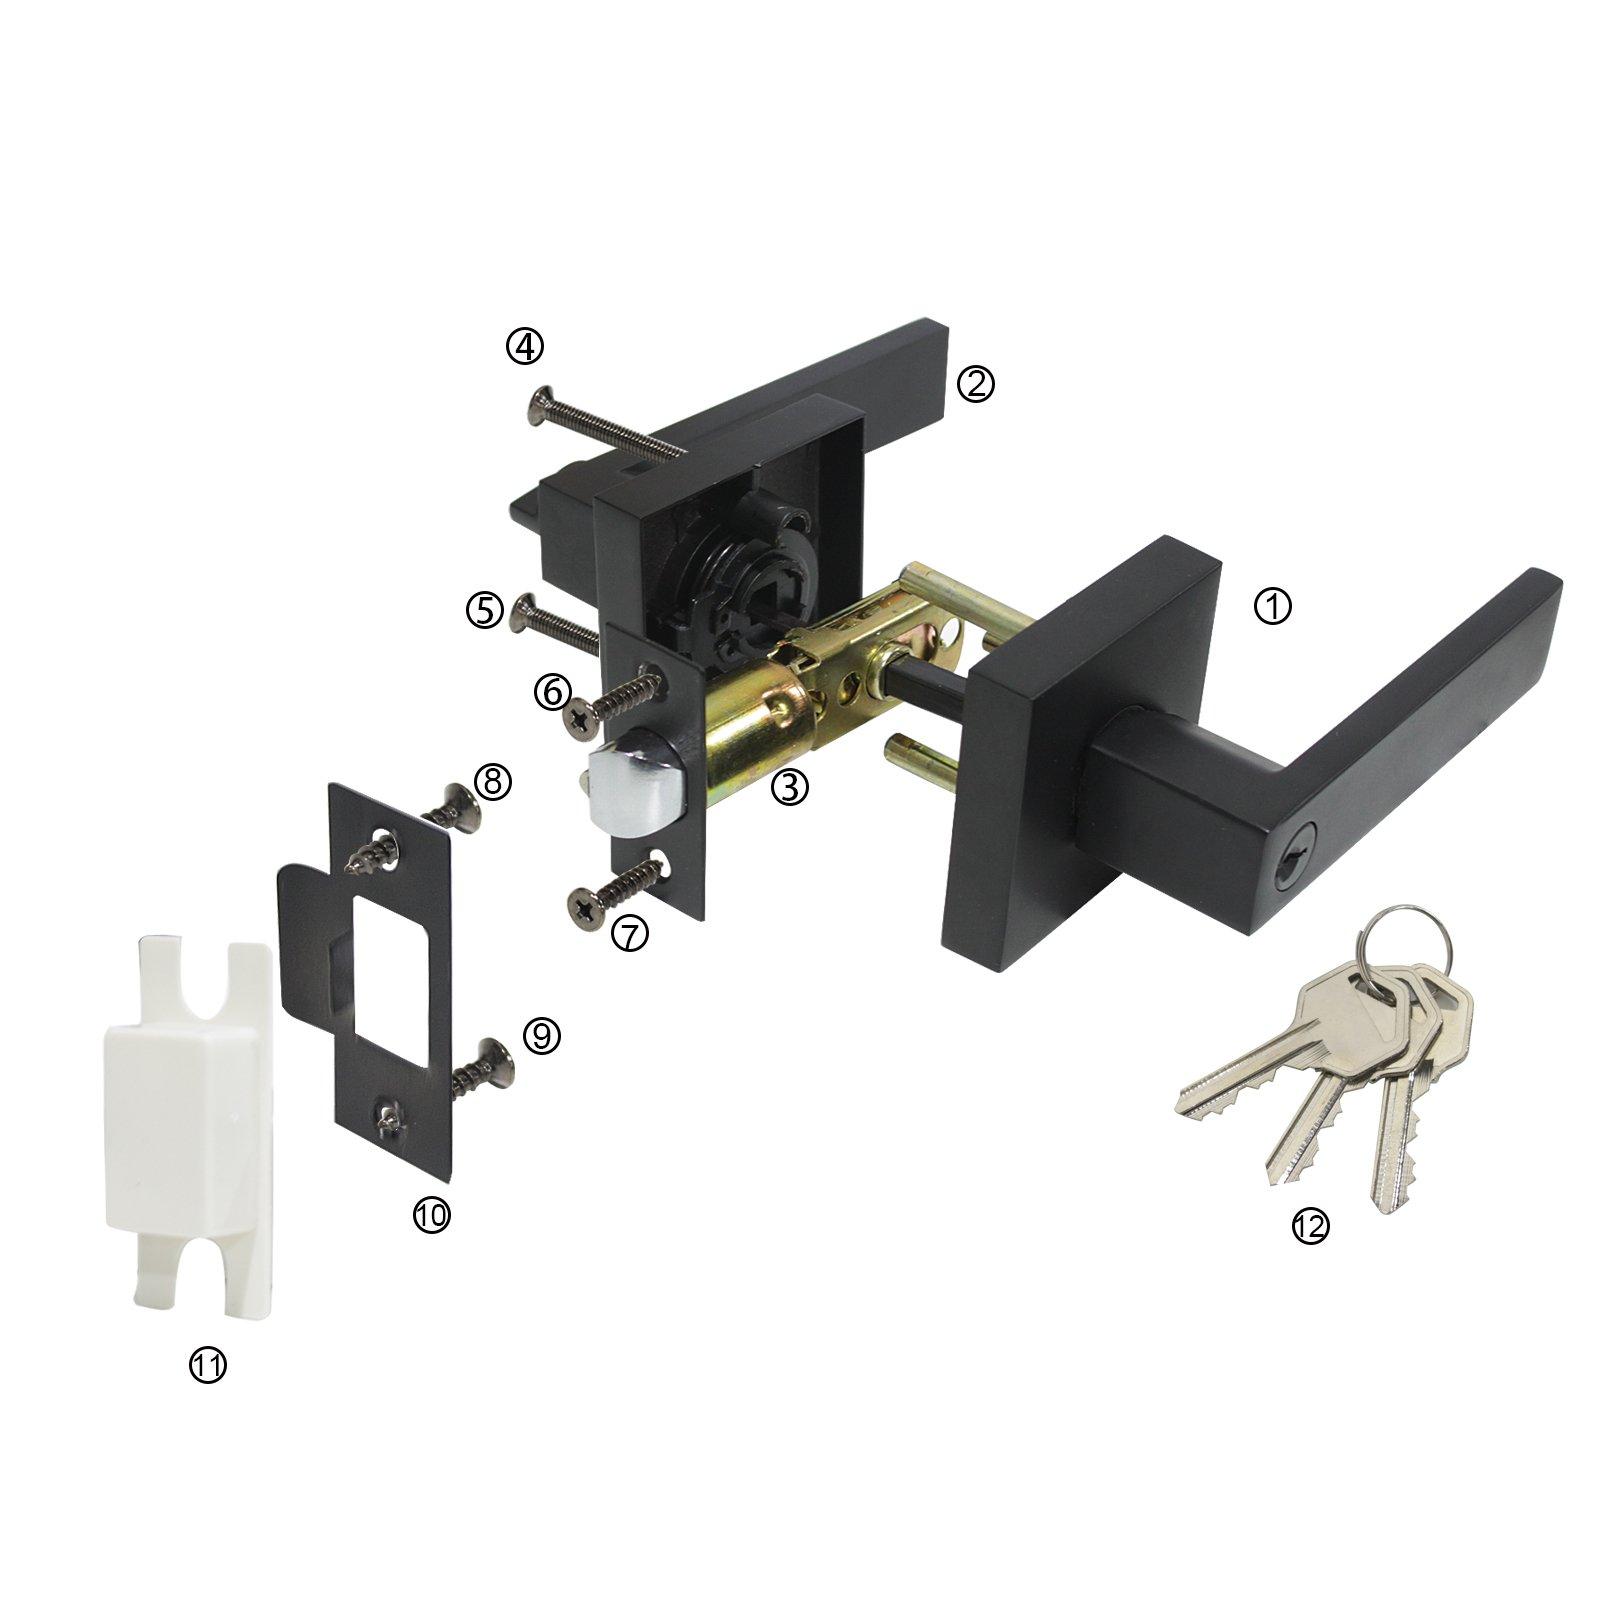 10 Pack Probrico Interior Bedroom Entrance Door Lever Doorknobs Door Lock One Keyway Entry Keyed Alike Same Key Entrance Lockset in Black Each with 3 Keys by Probrico (Image #5)